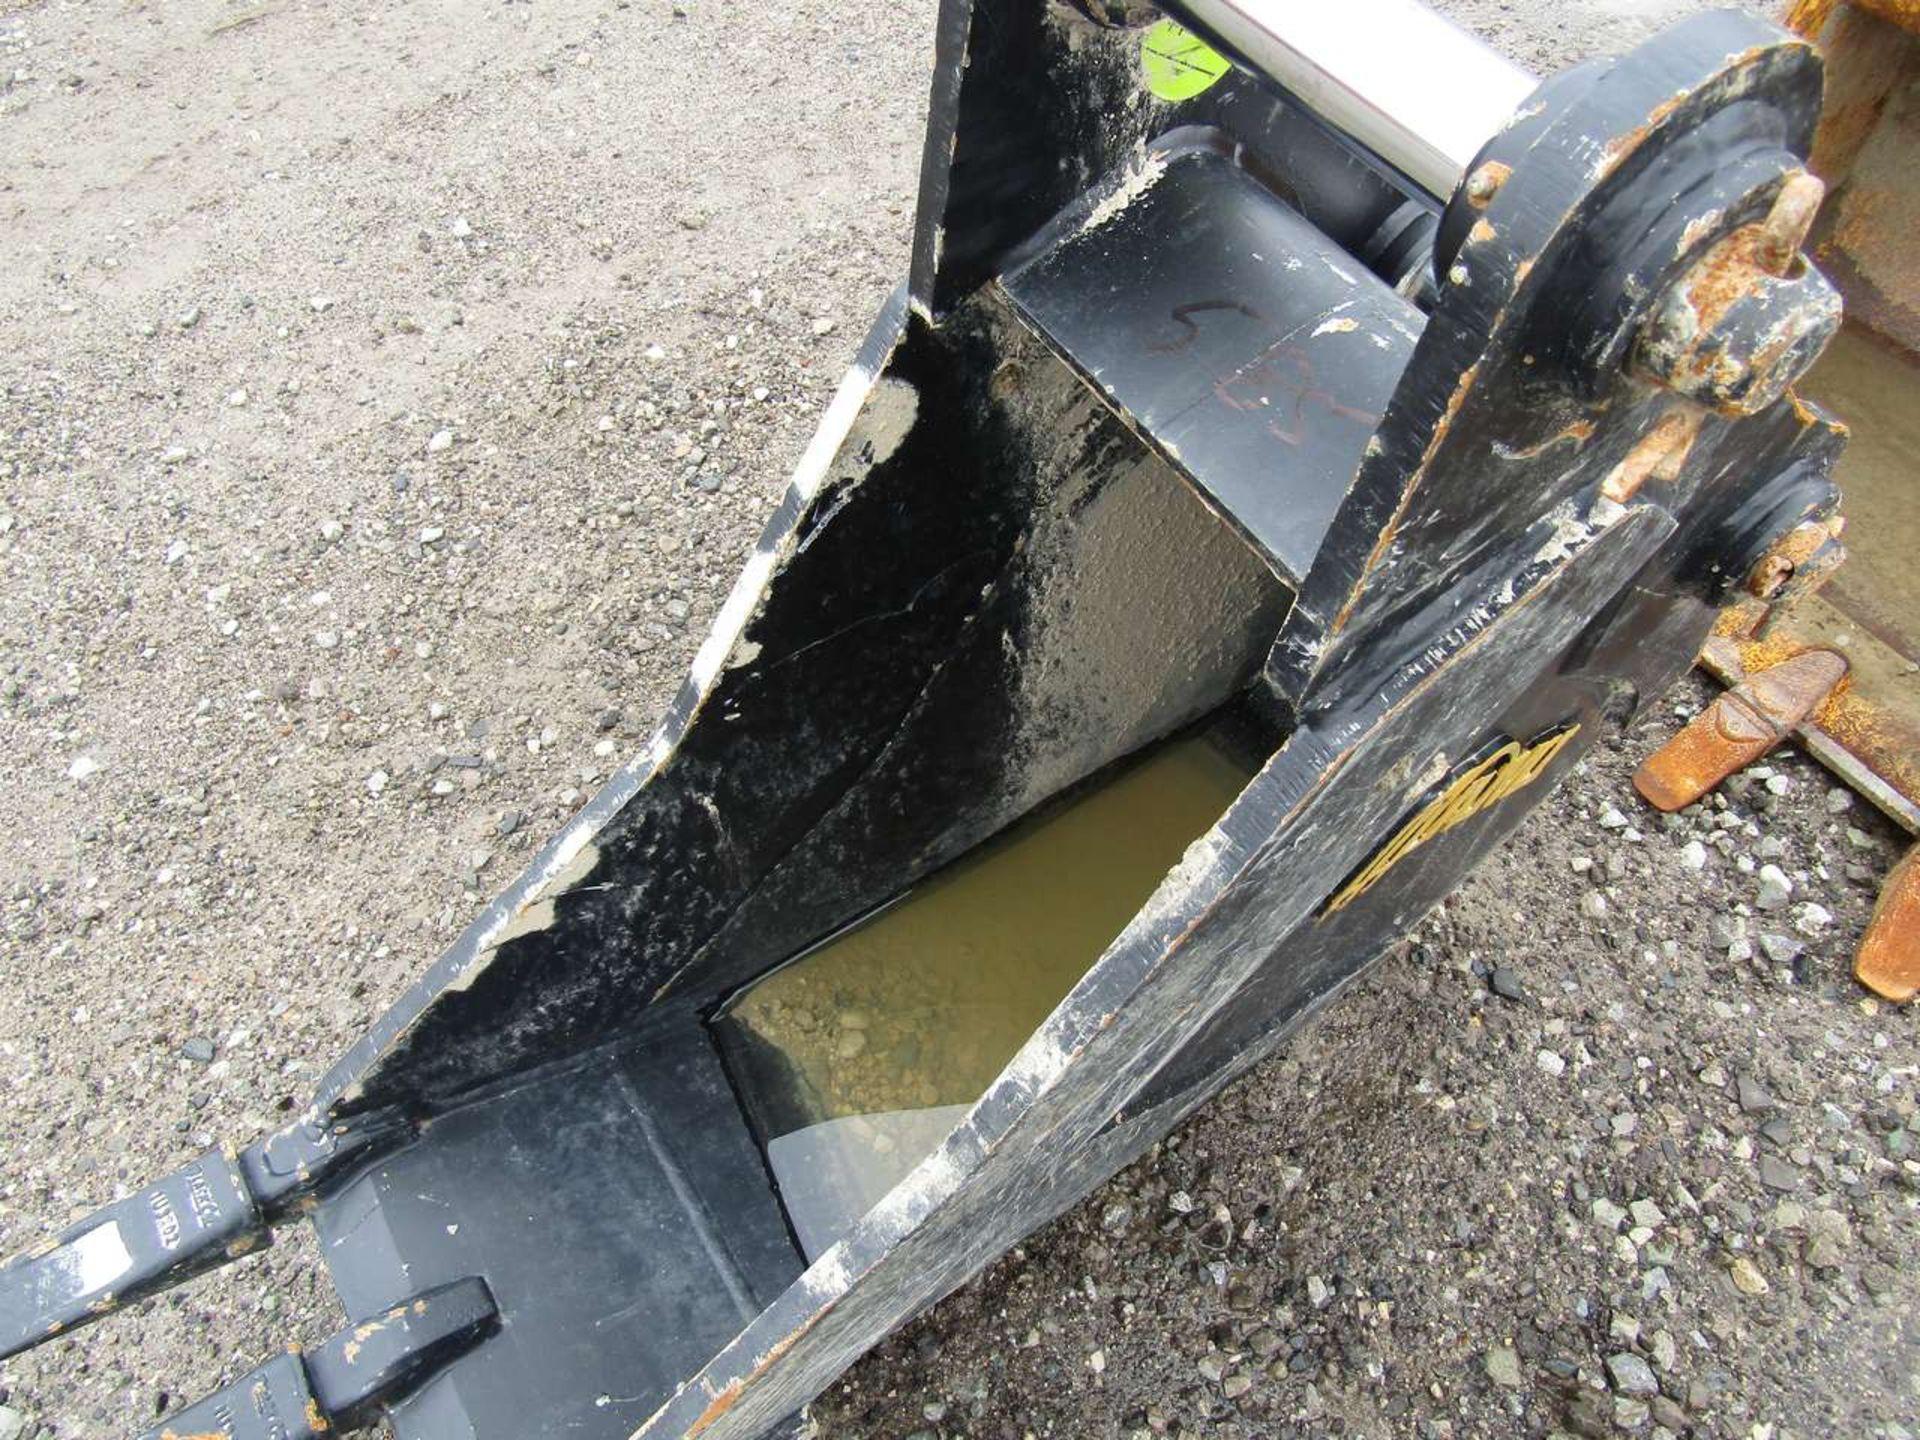 Lot 585 - Excavator Bucket